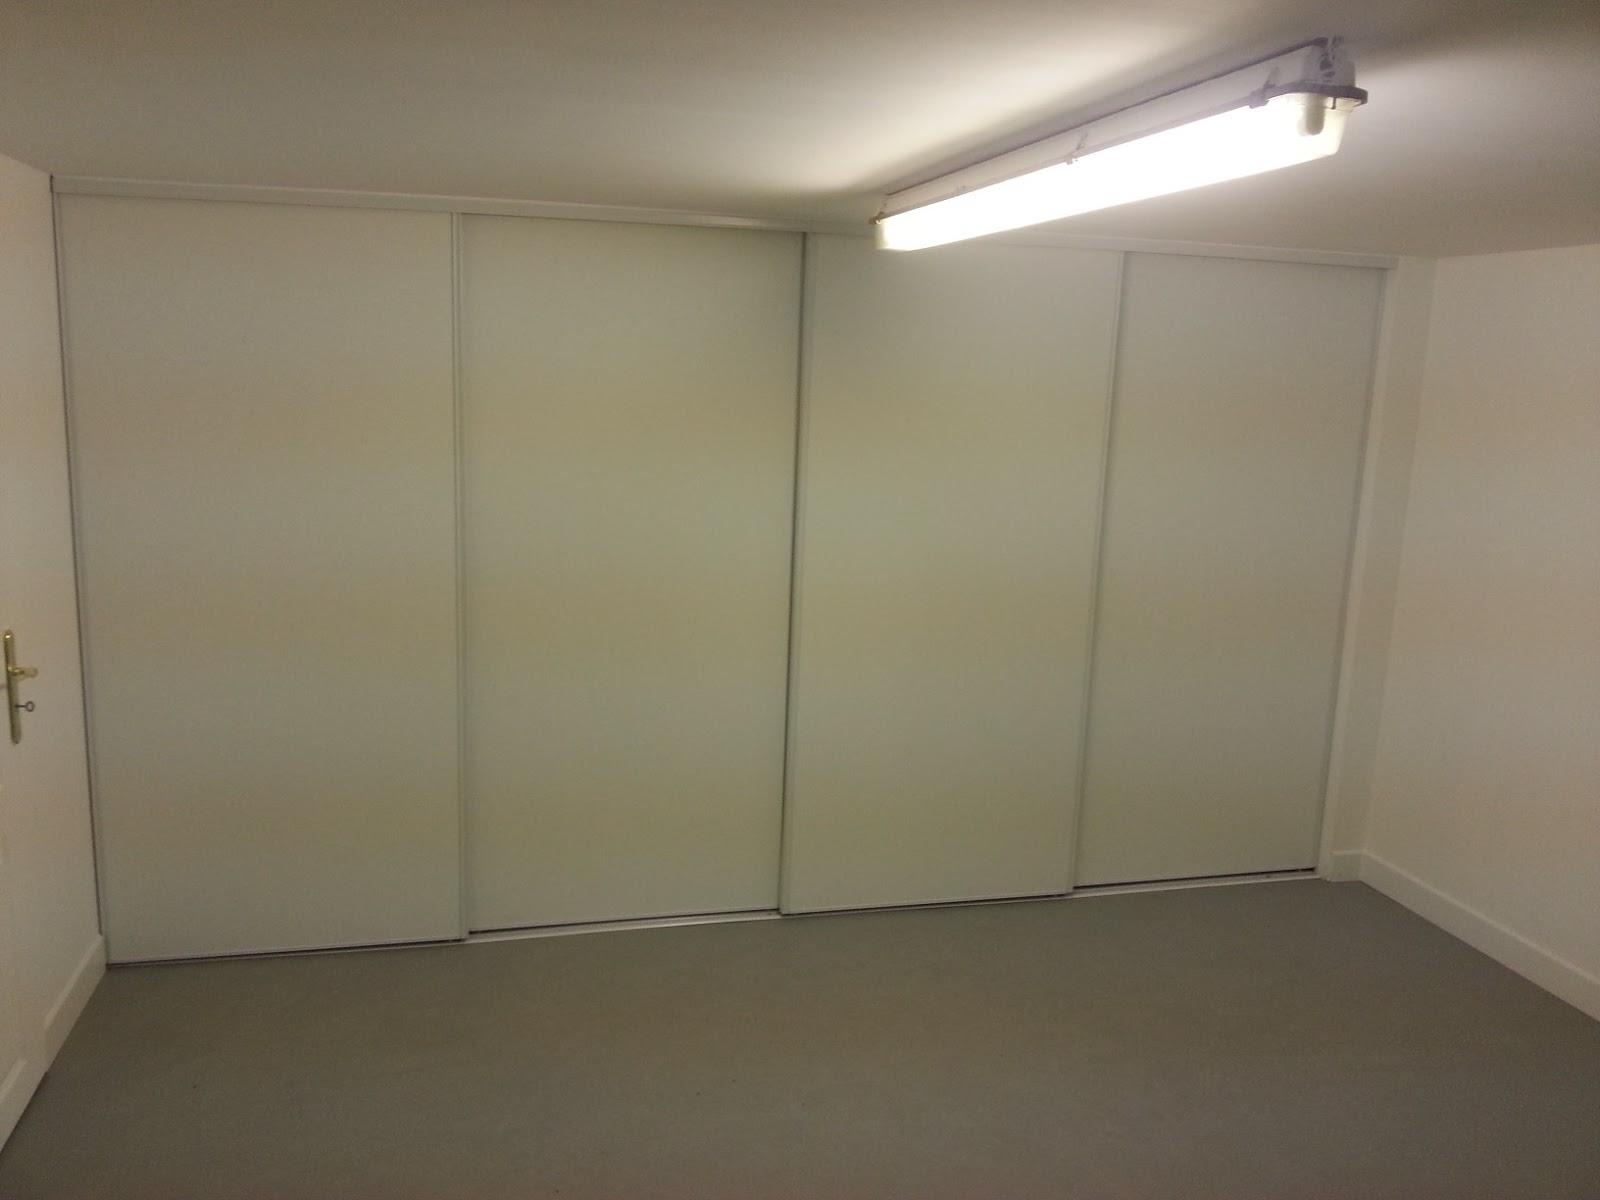 B t s am nagement placards dans garage 3m60 de long x2 x1 1m80 pose porte coulissantes for Amenagement placard garage